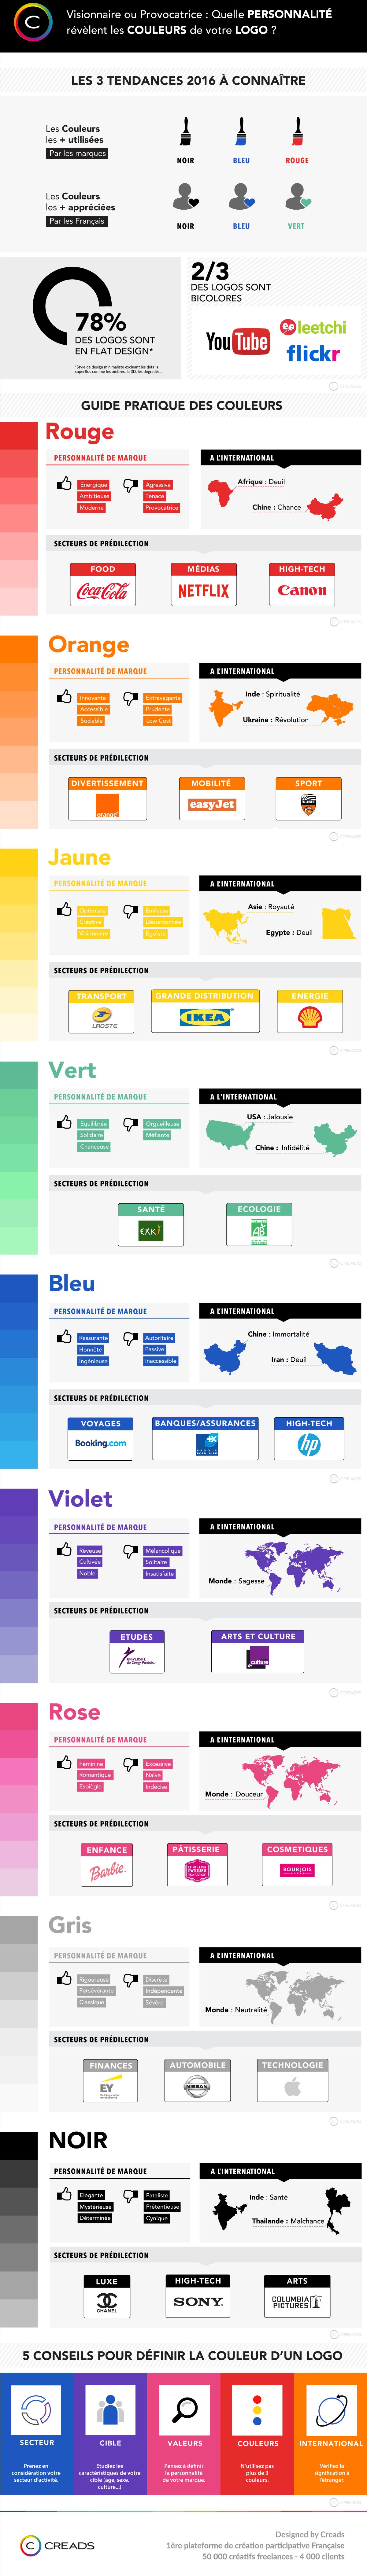 infographie-couleur-logo